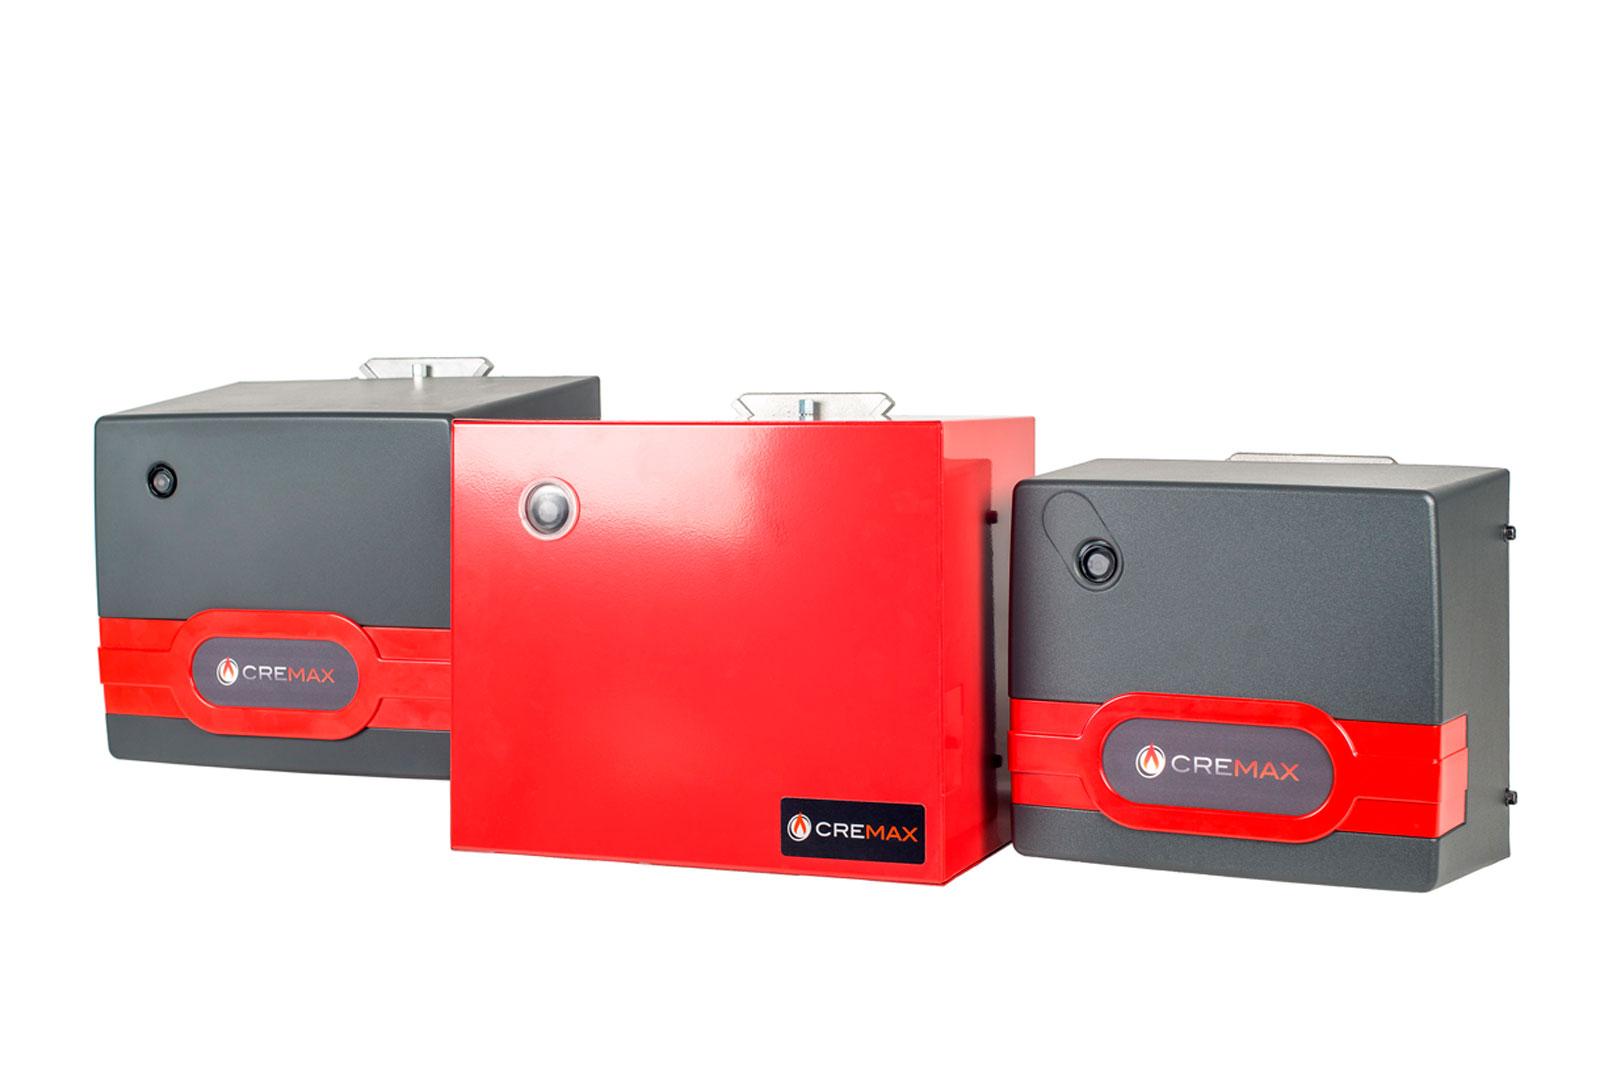 quemador-cremax-gas-1-llama-11-93kw-flamax-eficiencia-energetica-ppal